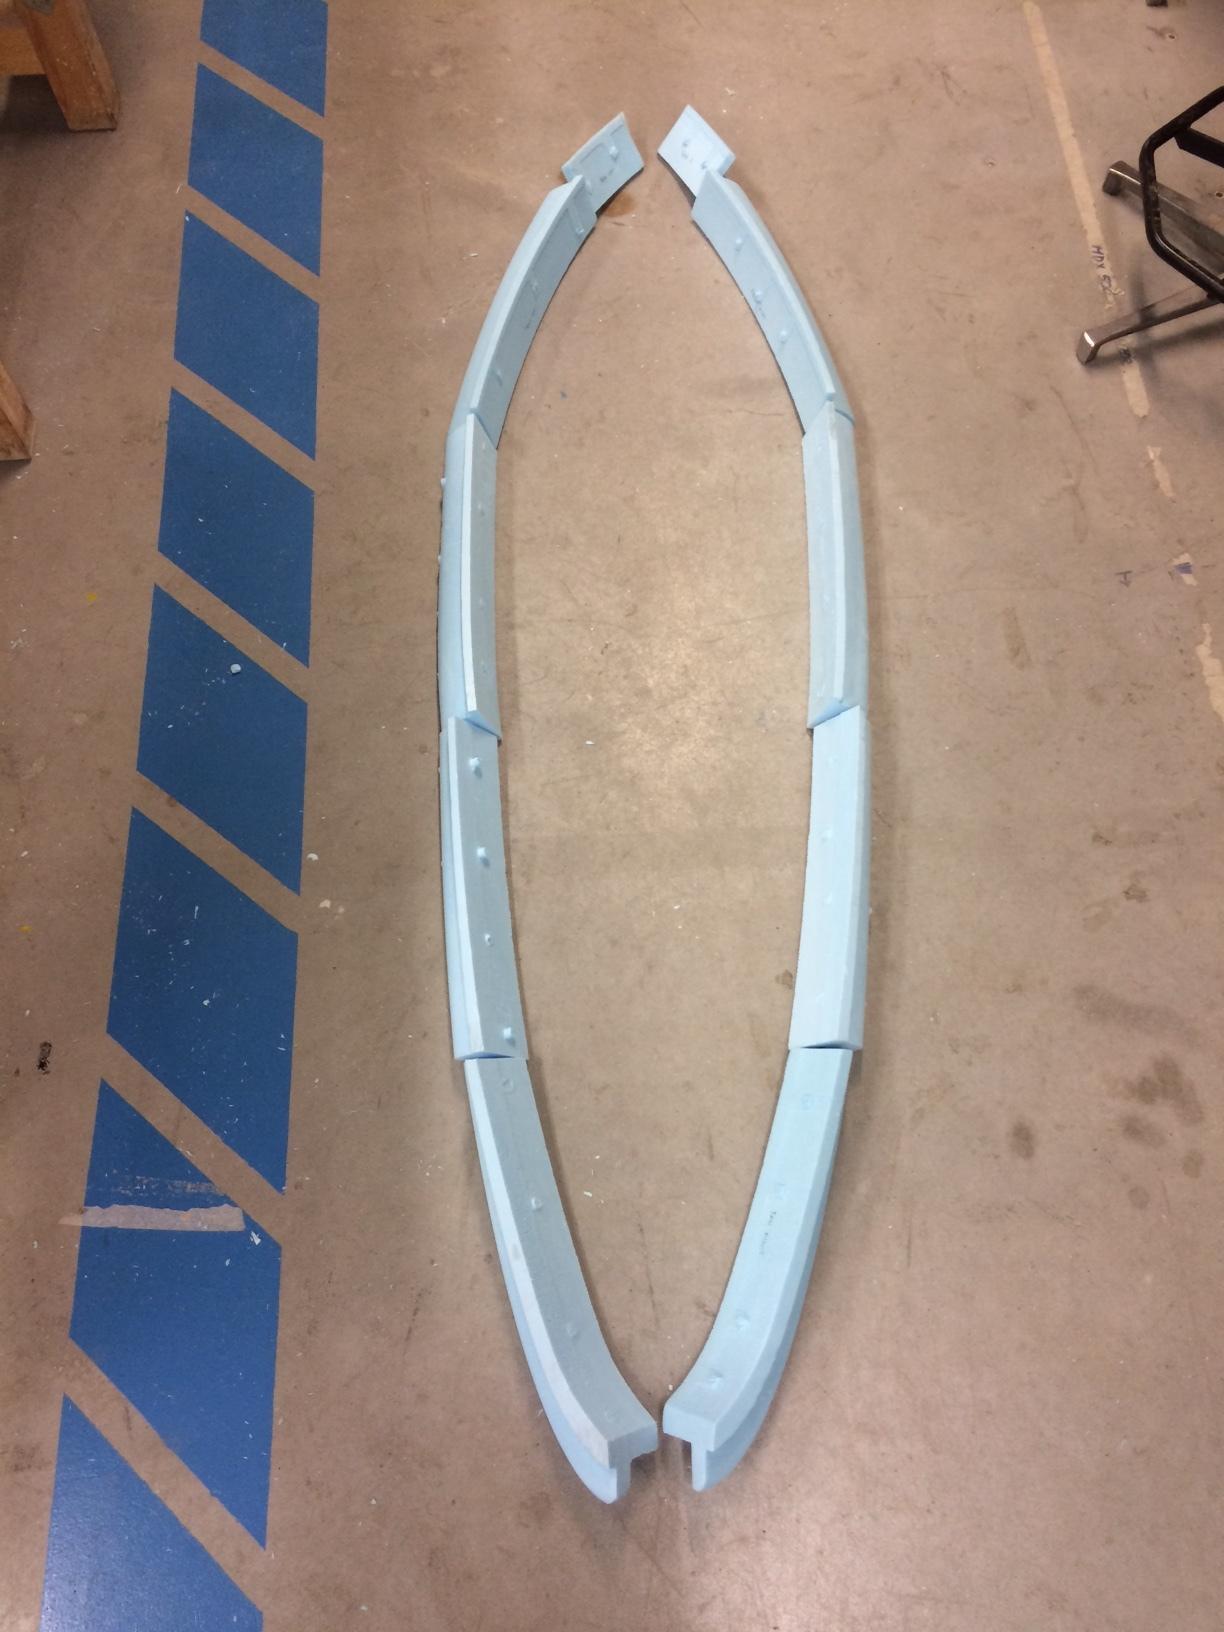 013 Surfboard rails made from bluefoam .jpeg